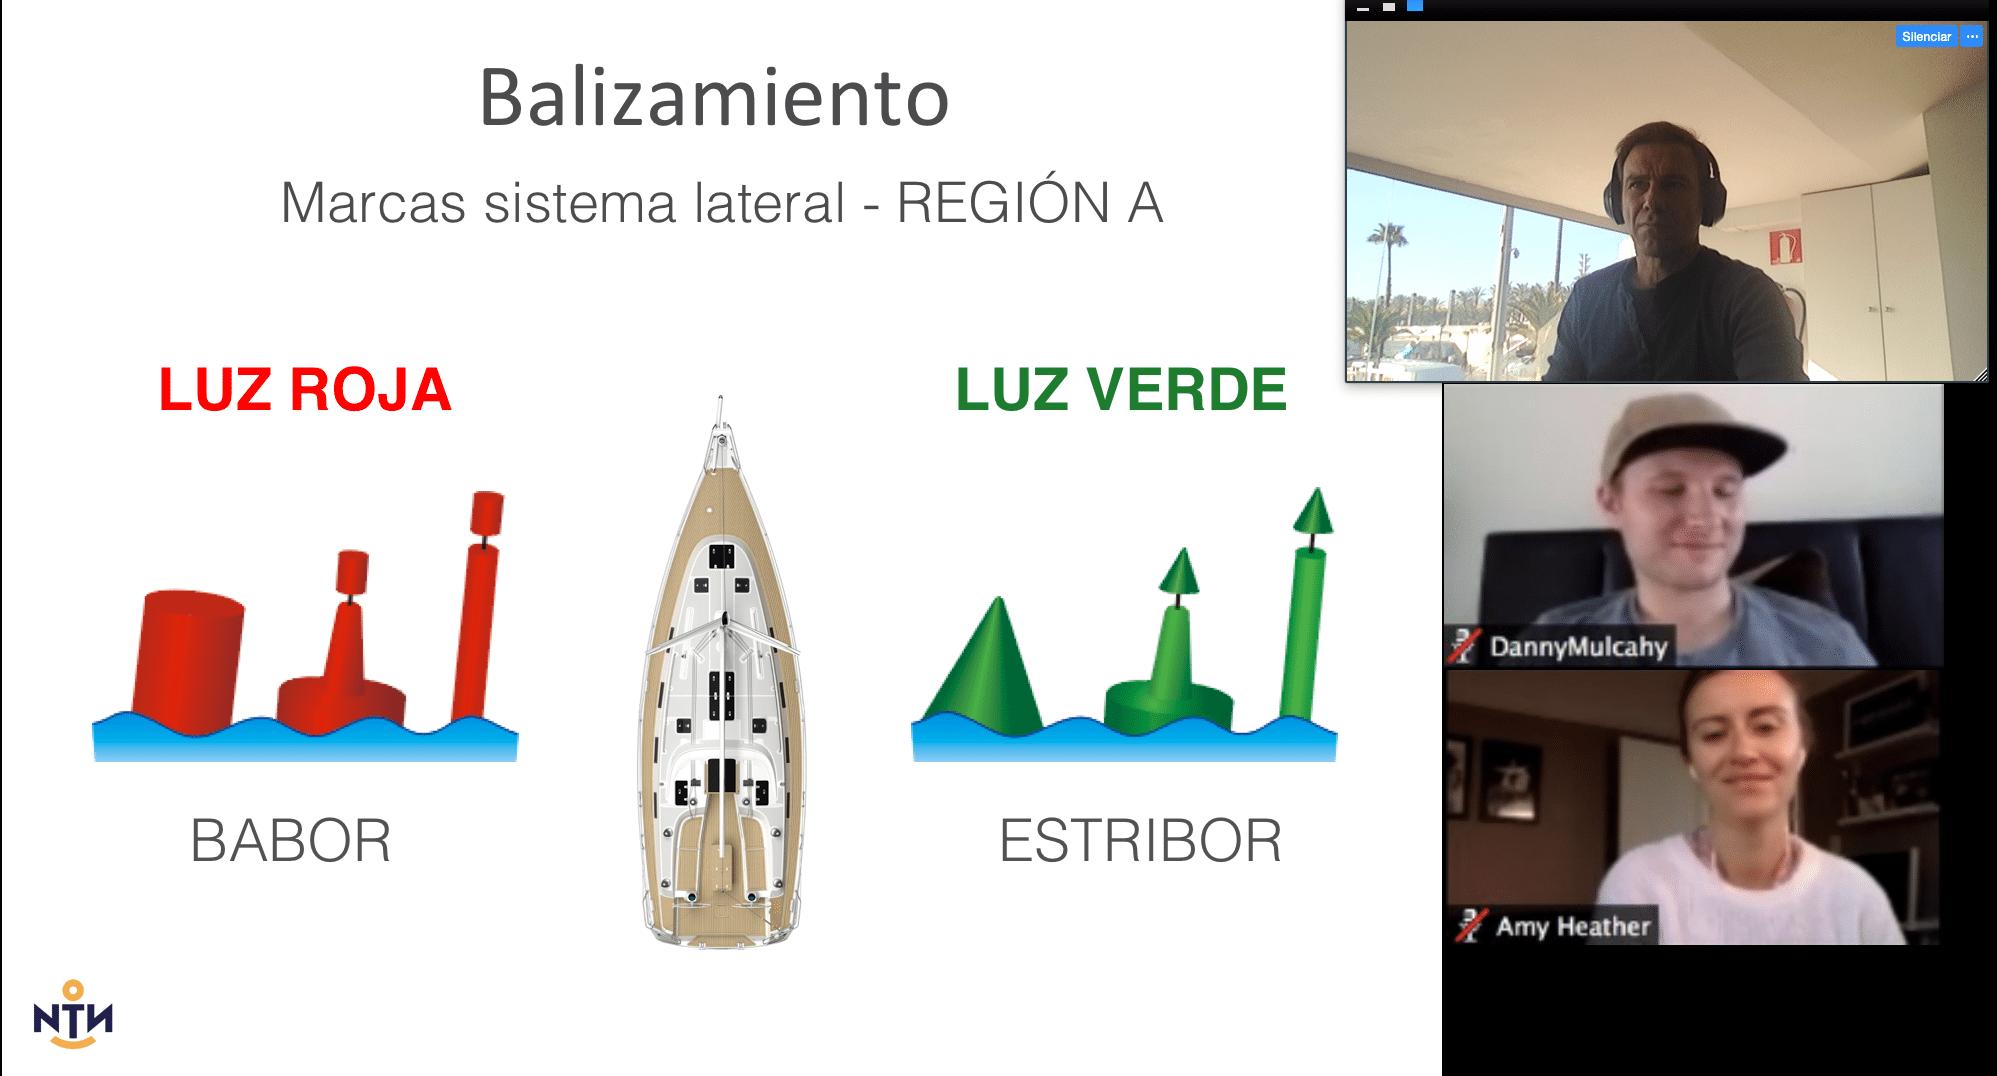 Curso nautico videoconferencia